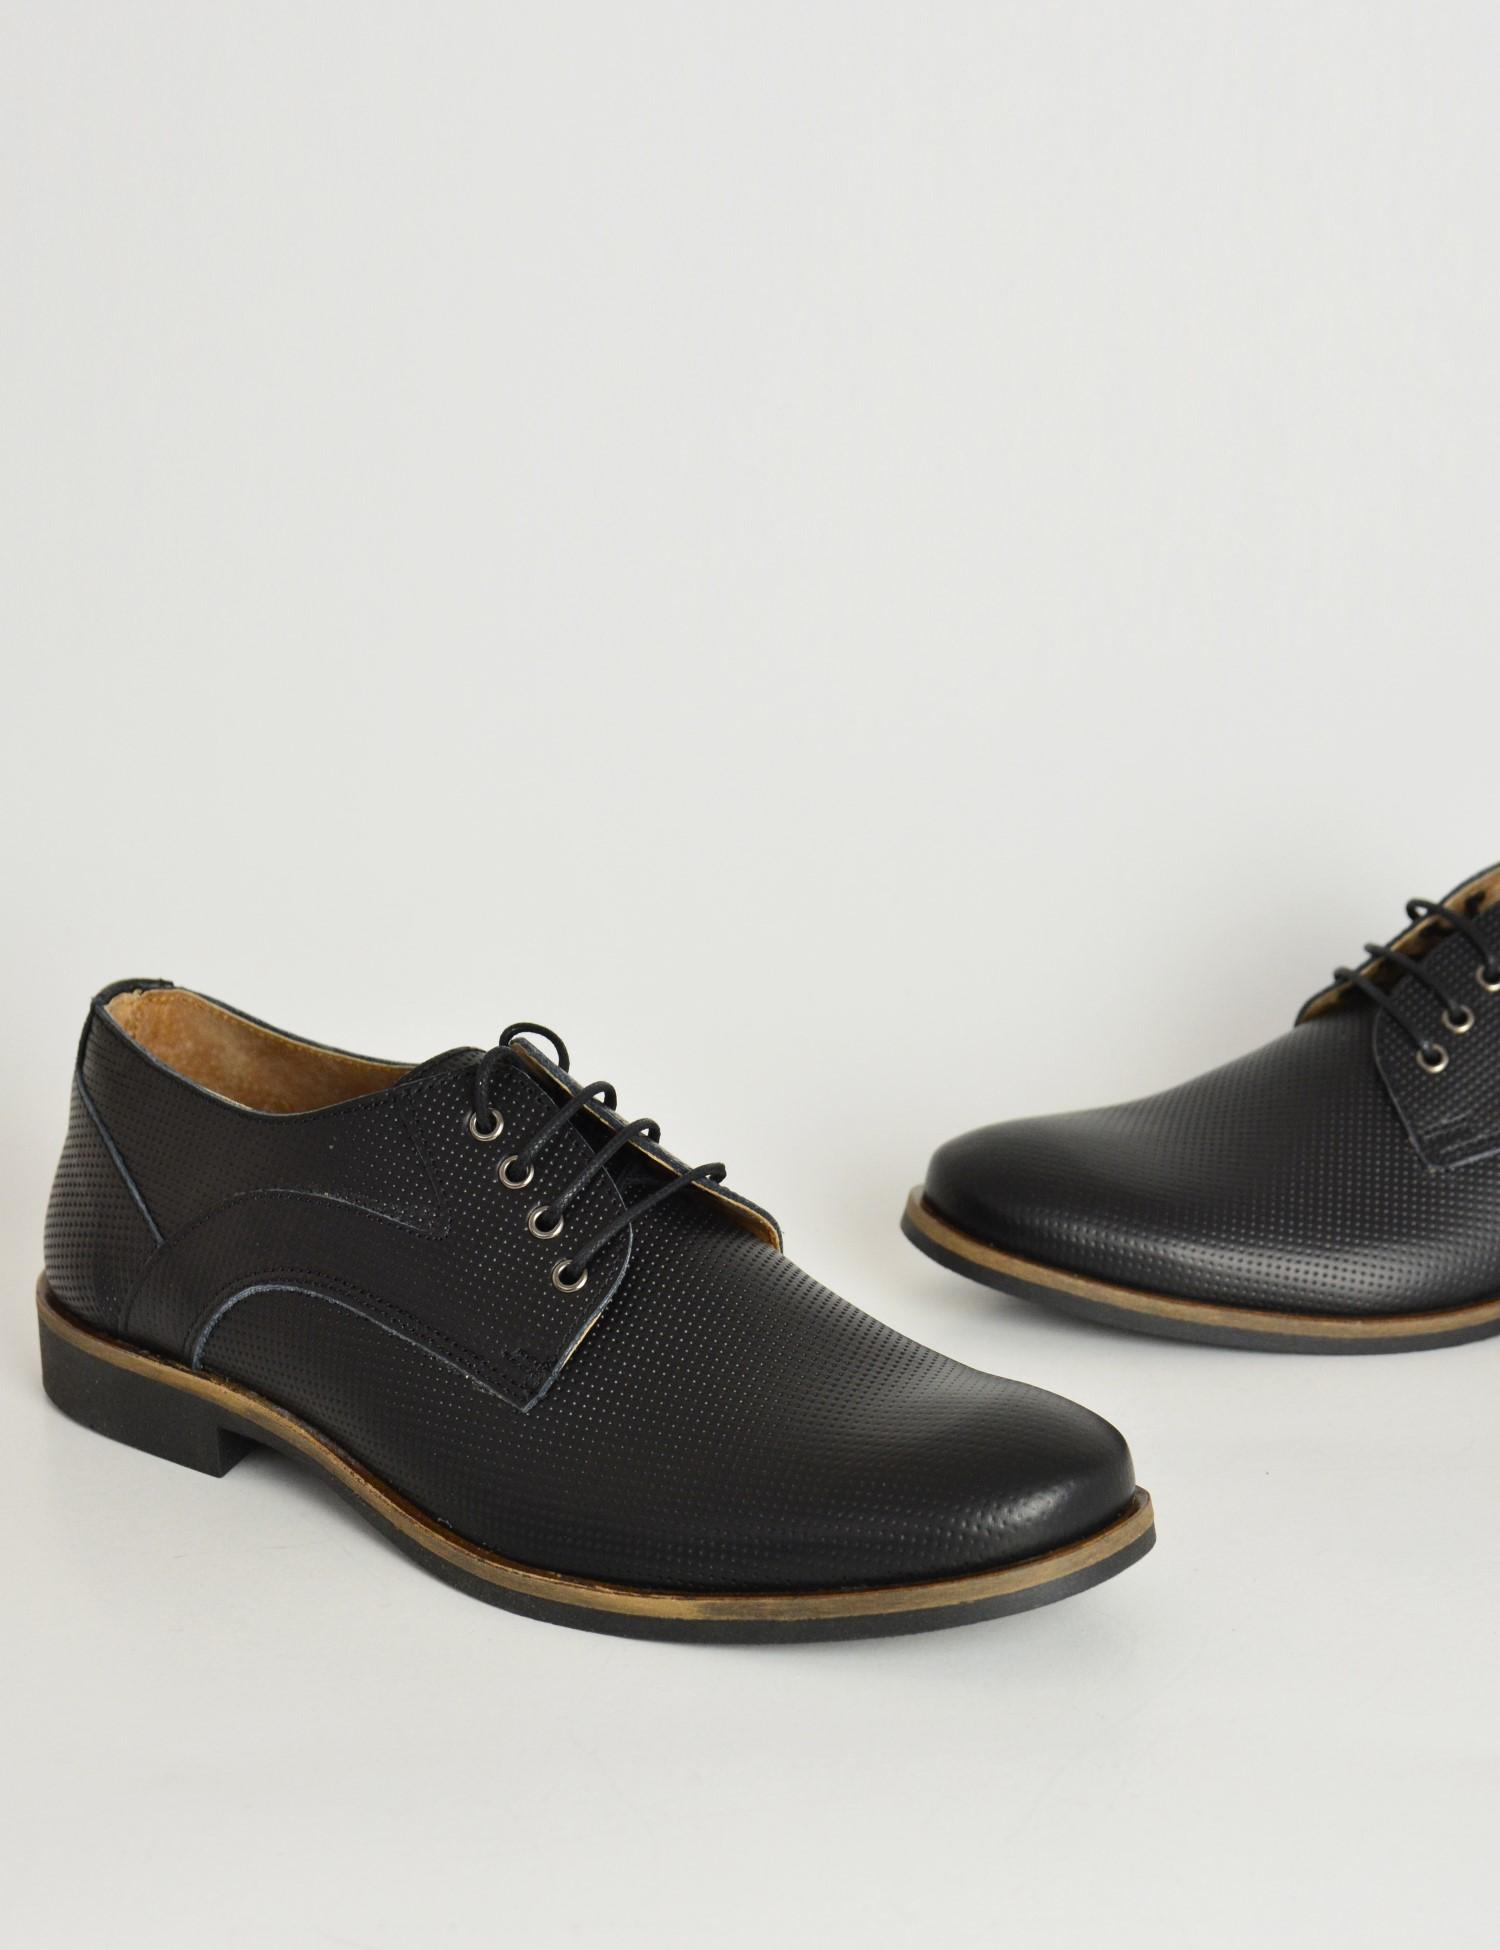 Ανδρικά δερμάτινα παπούτσια Nice Step μαύρα δετά 795  ec6cacf6b61